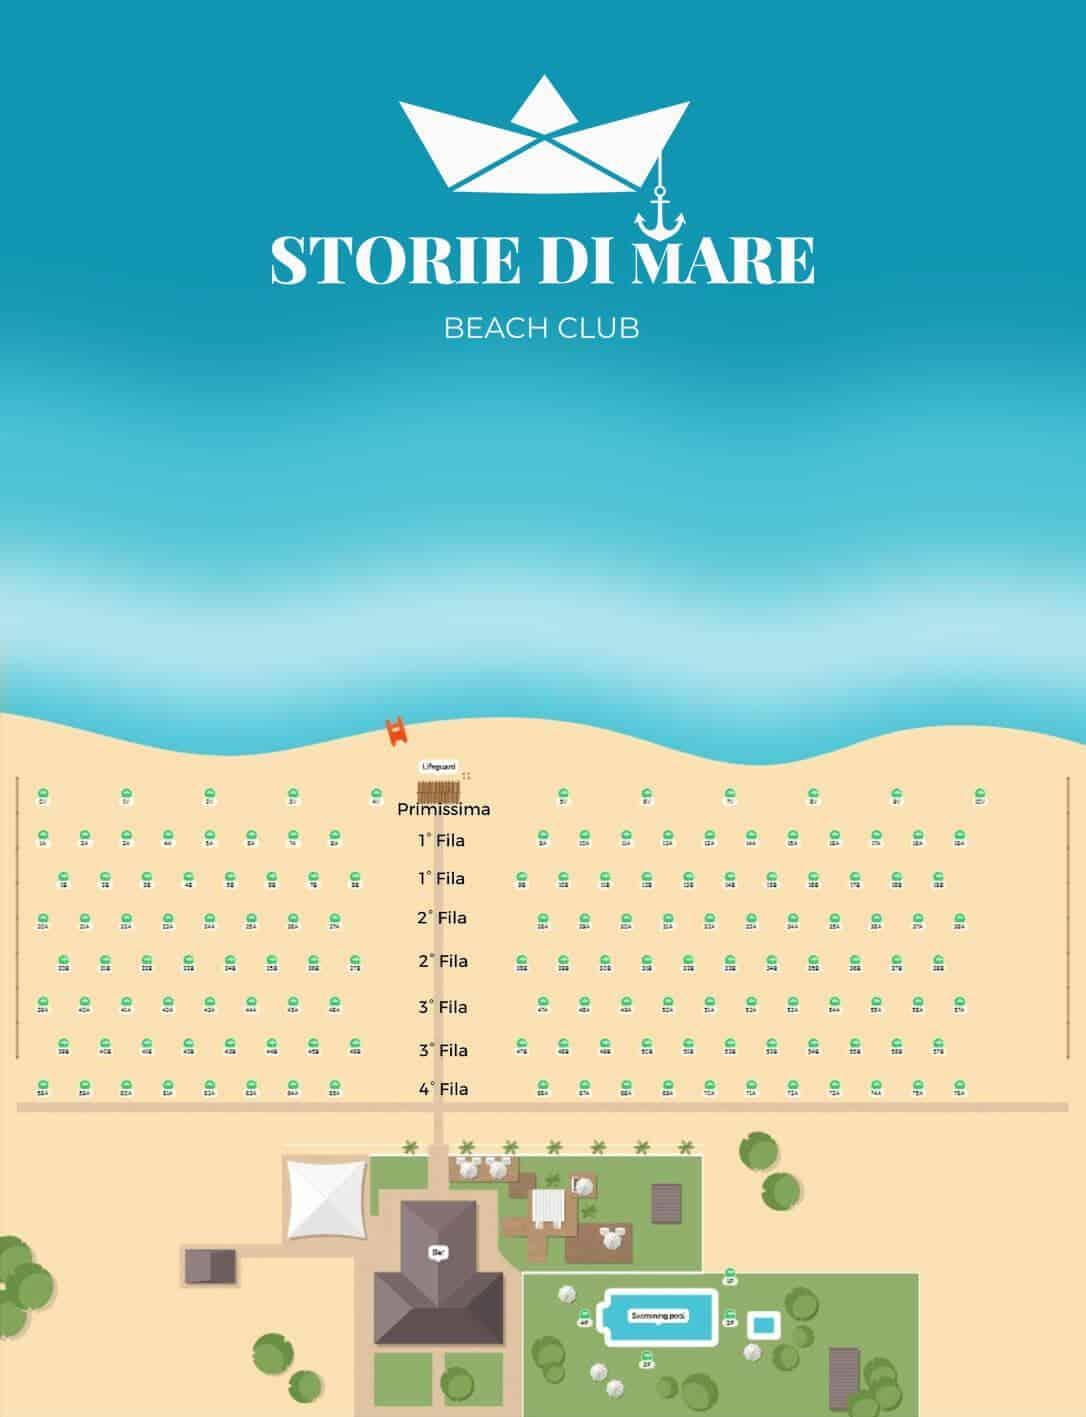 Spiaggia Storie di Mare Sibari